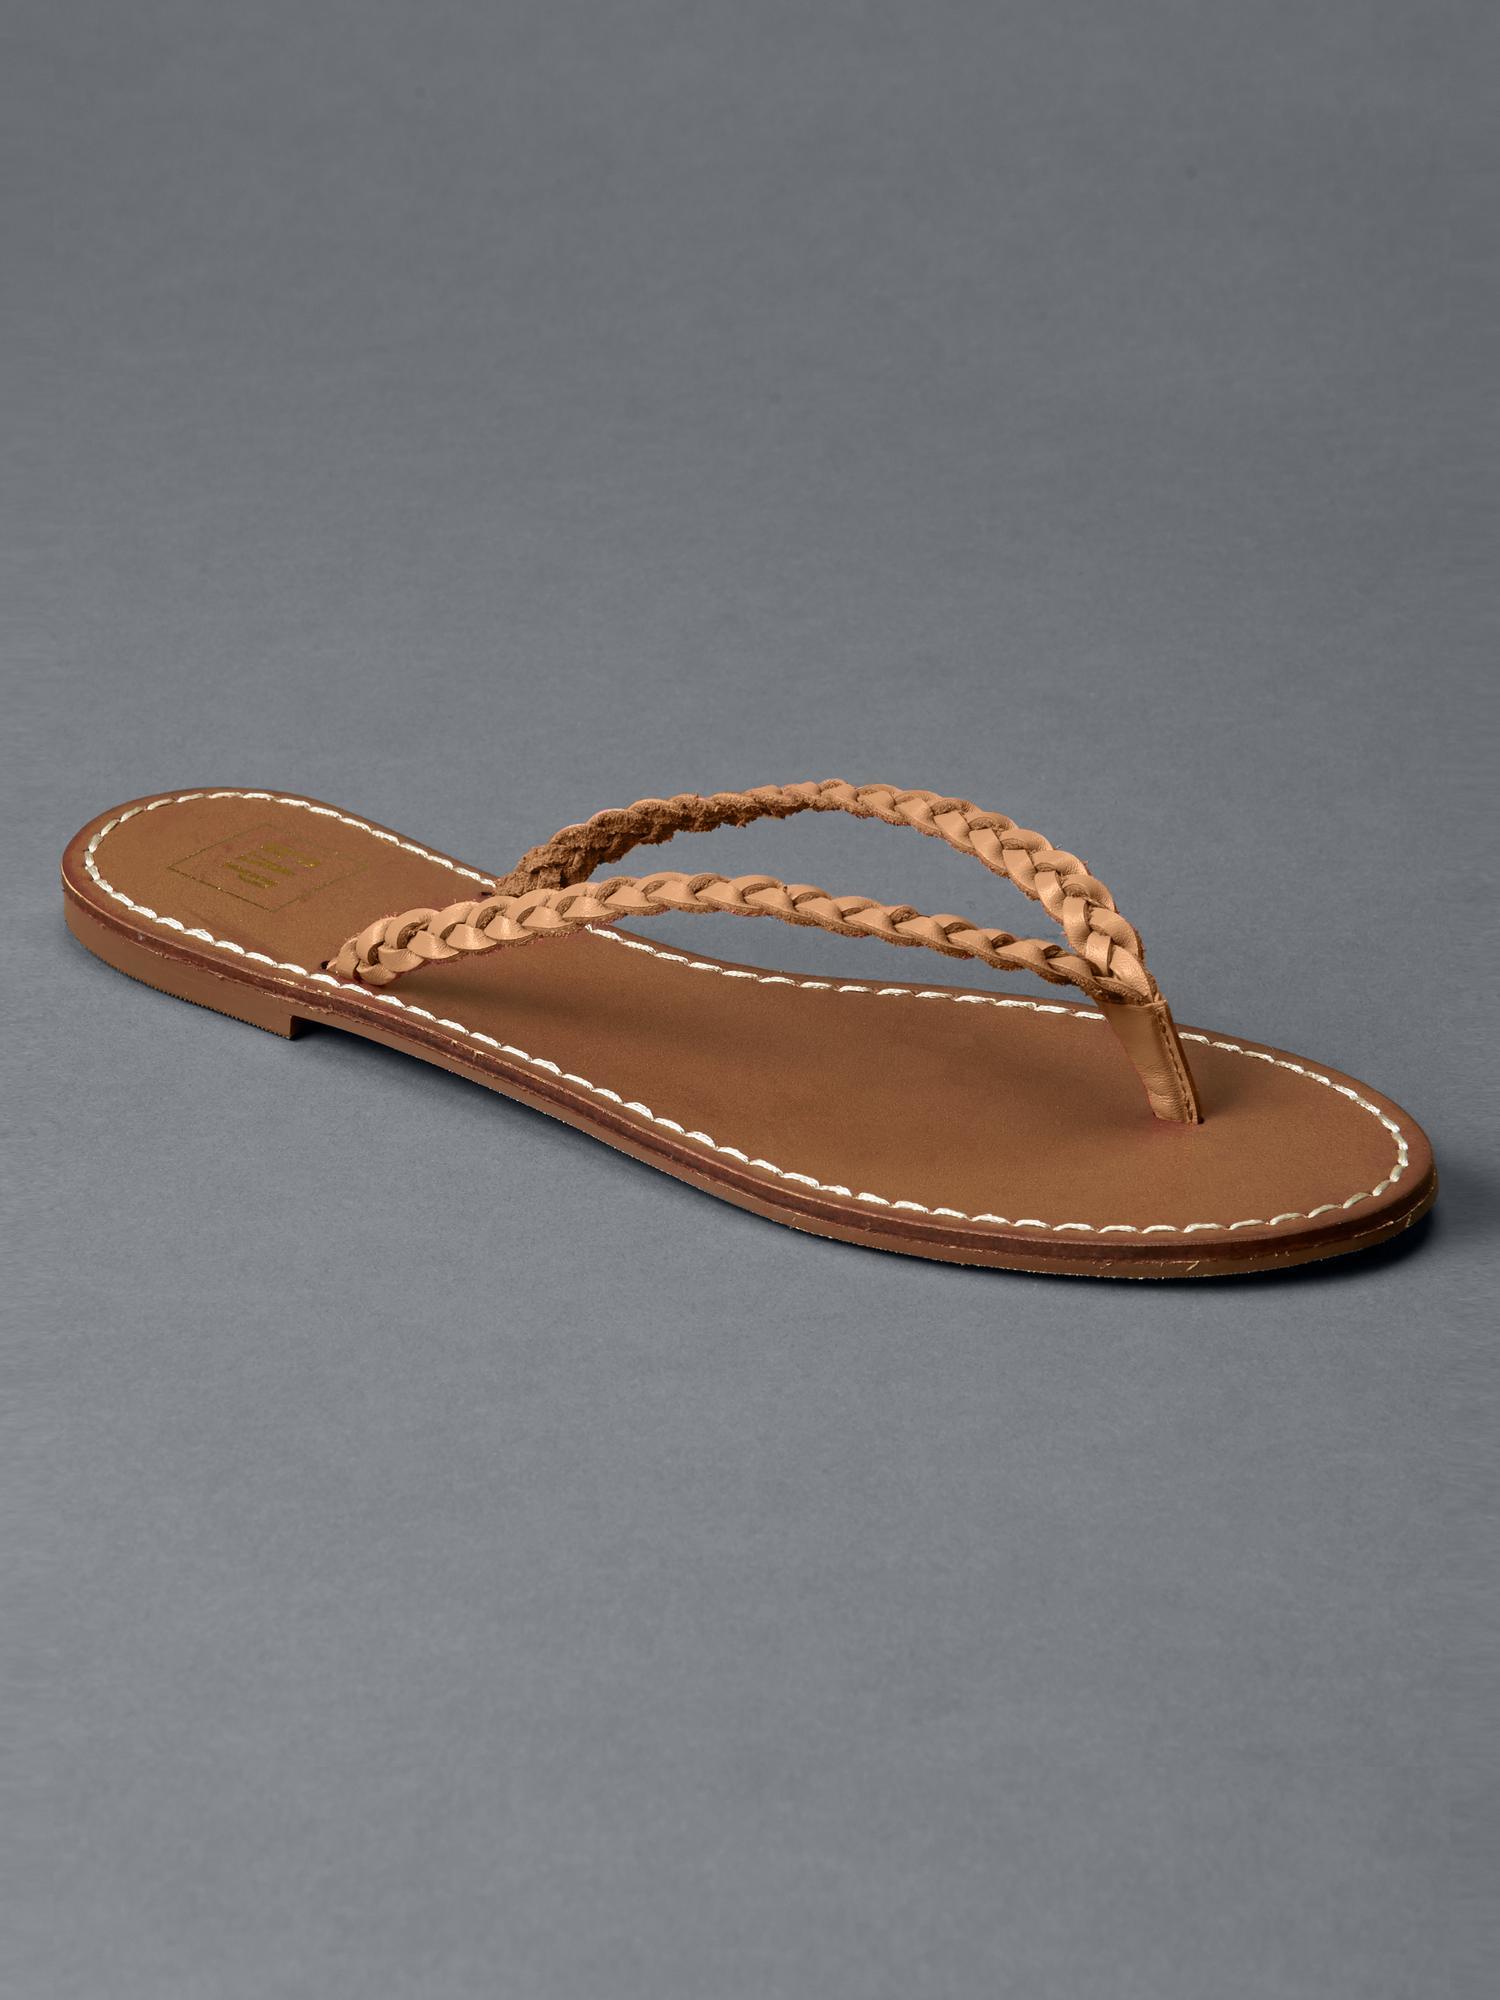 Lyst - Gap Braid Leather Flip Flops In Brown-9436